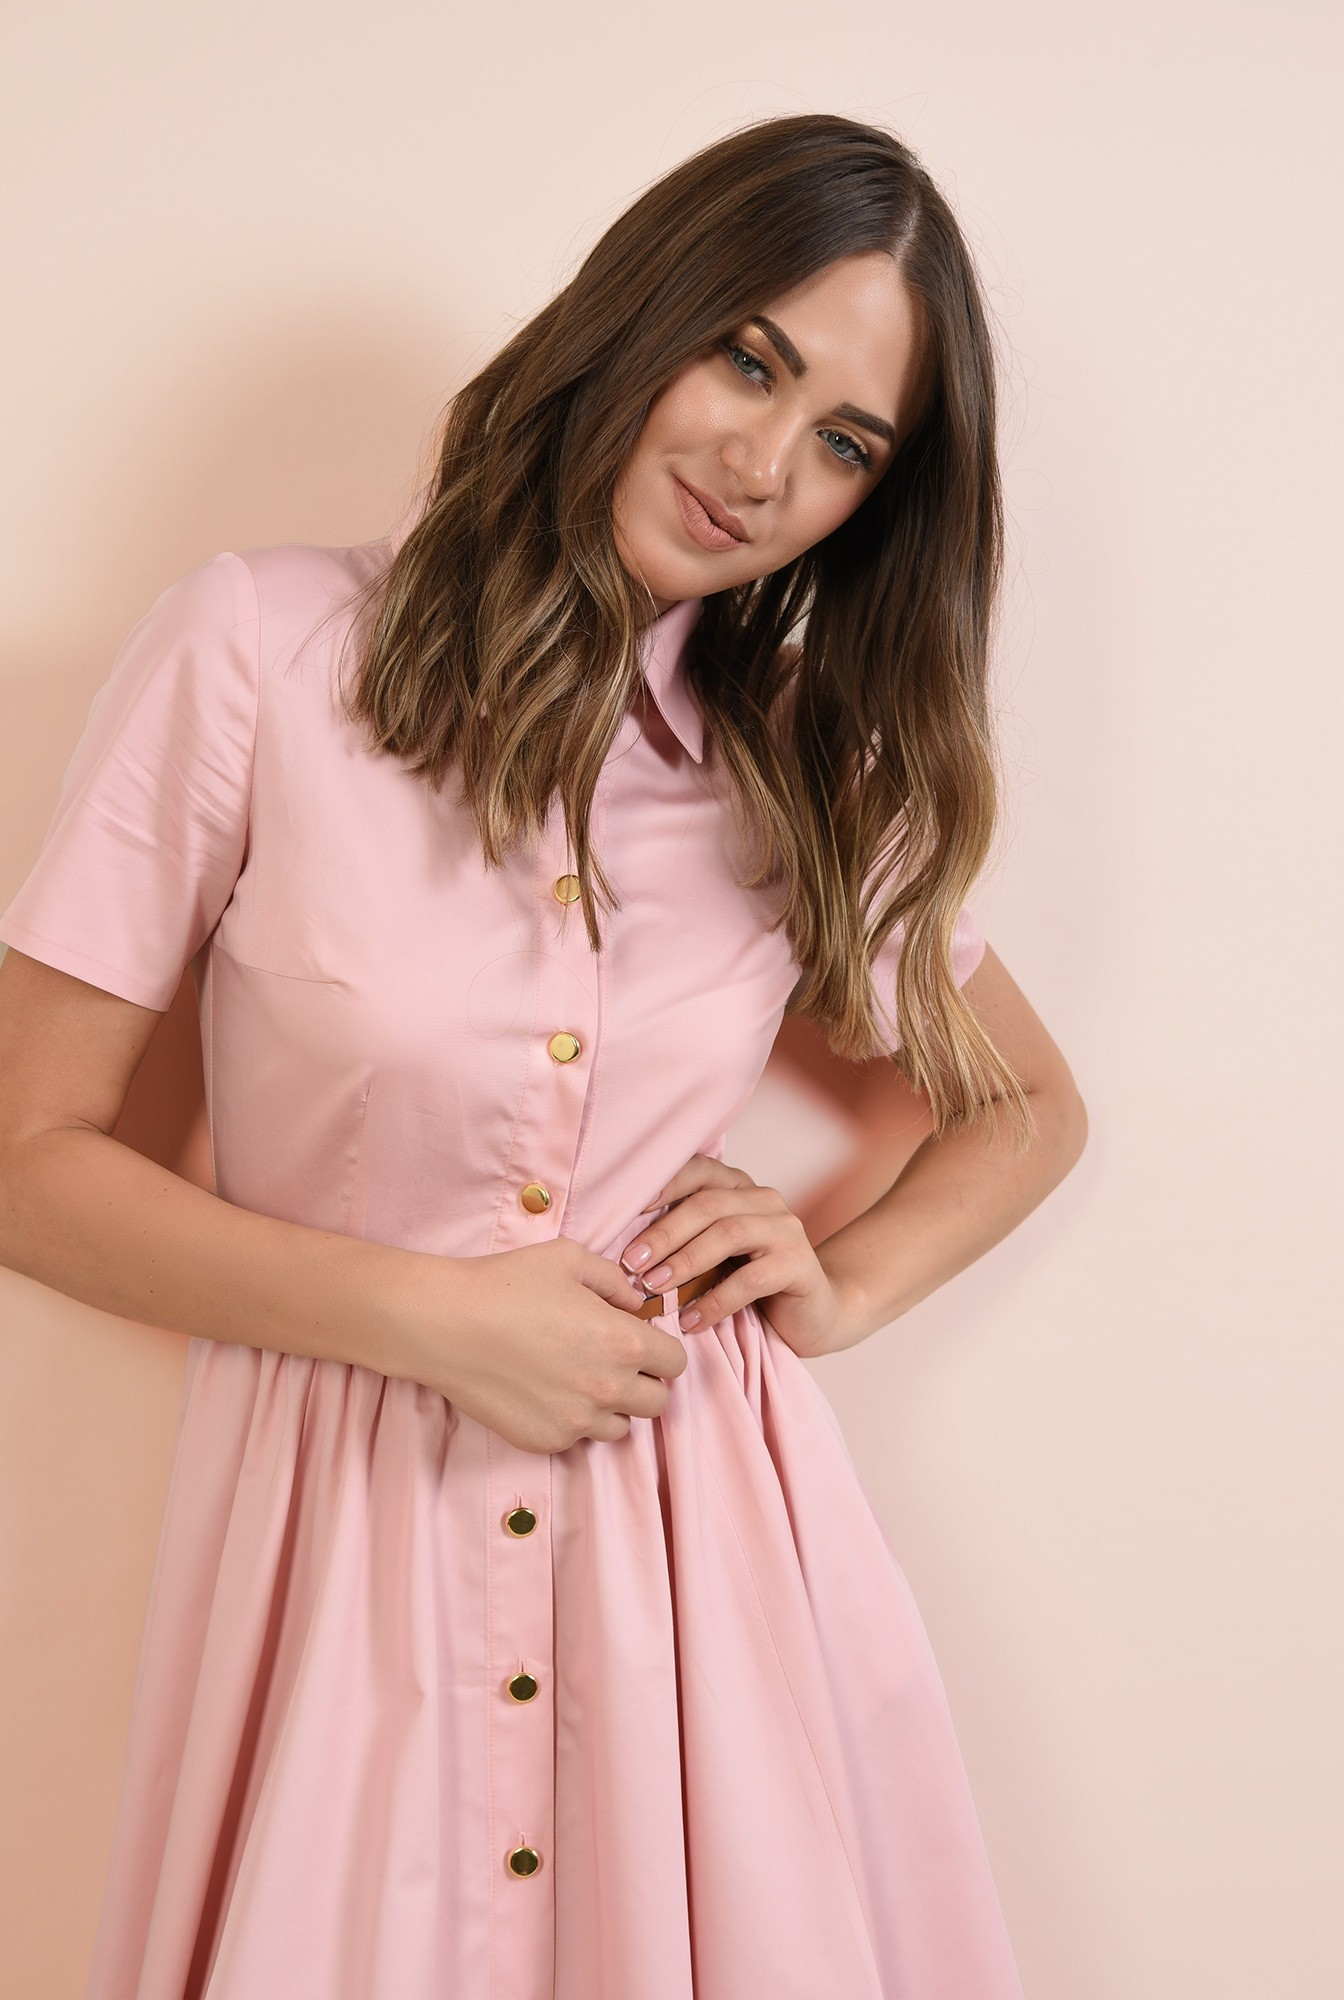 2 - rochie casual, Poema, roz, din bumbac, nasturi, curea, cu guler